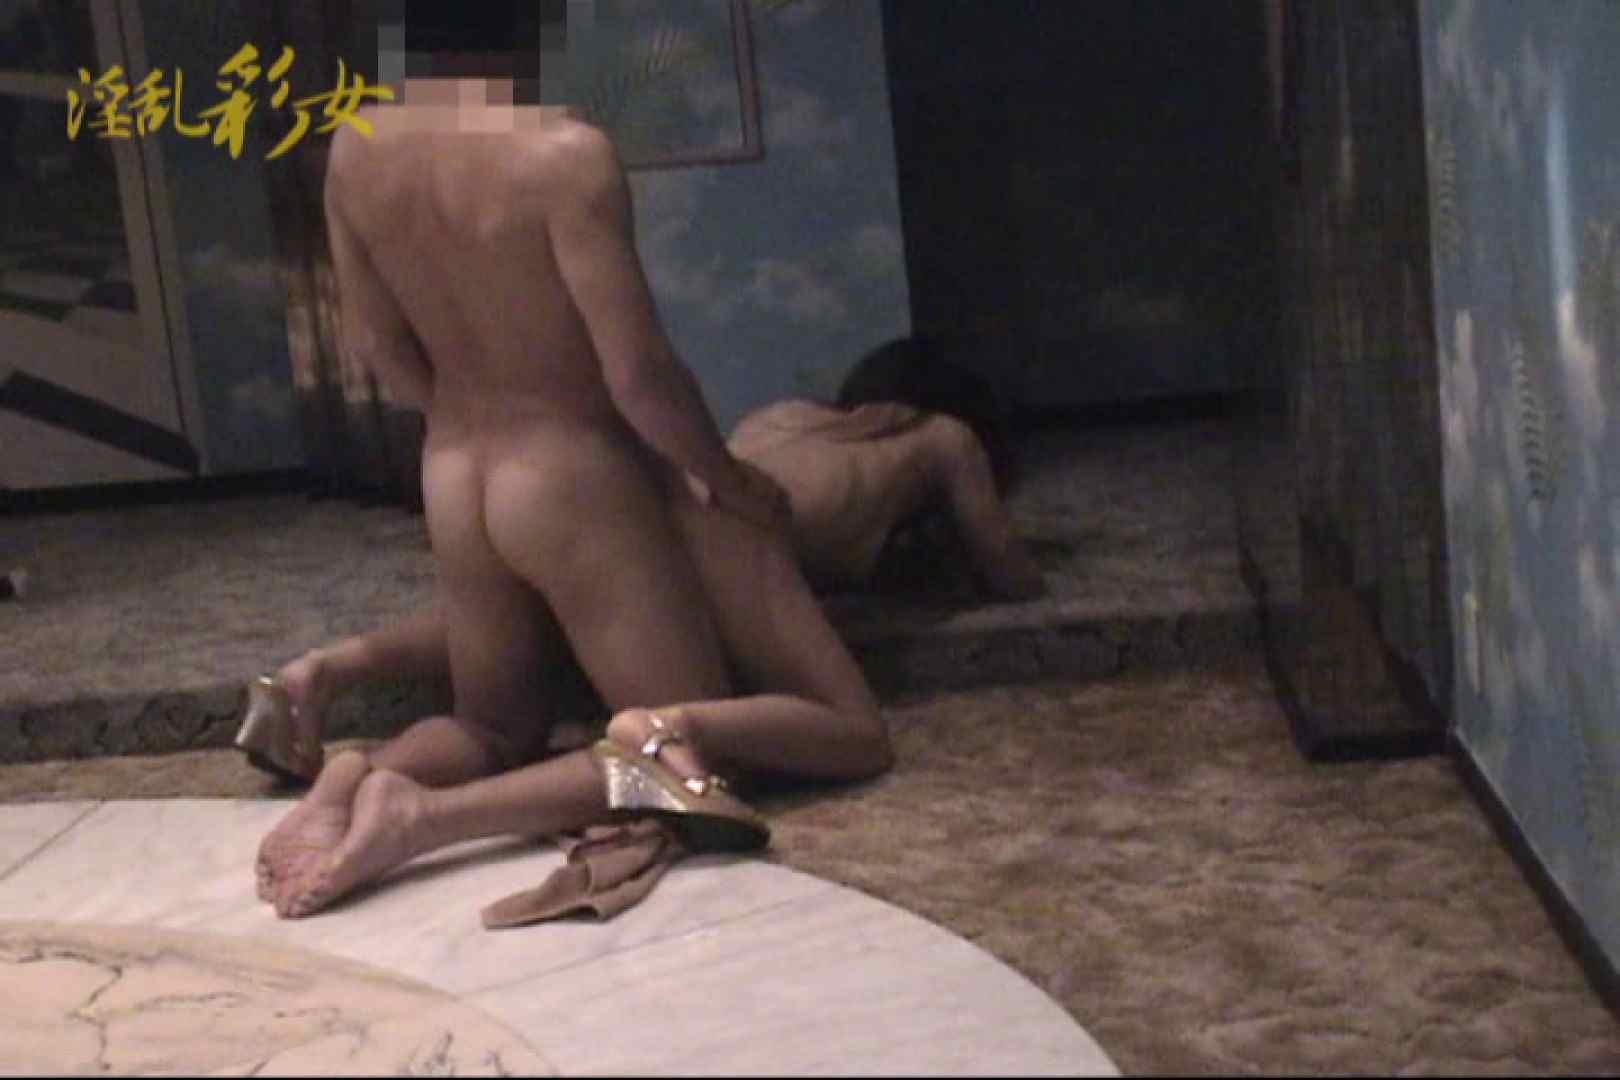 淫乱彩女 麻優里 ホテルで3P絶倫編2 淫乱 | ホテル  61PIX 13